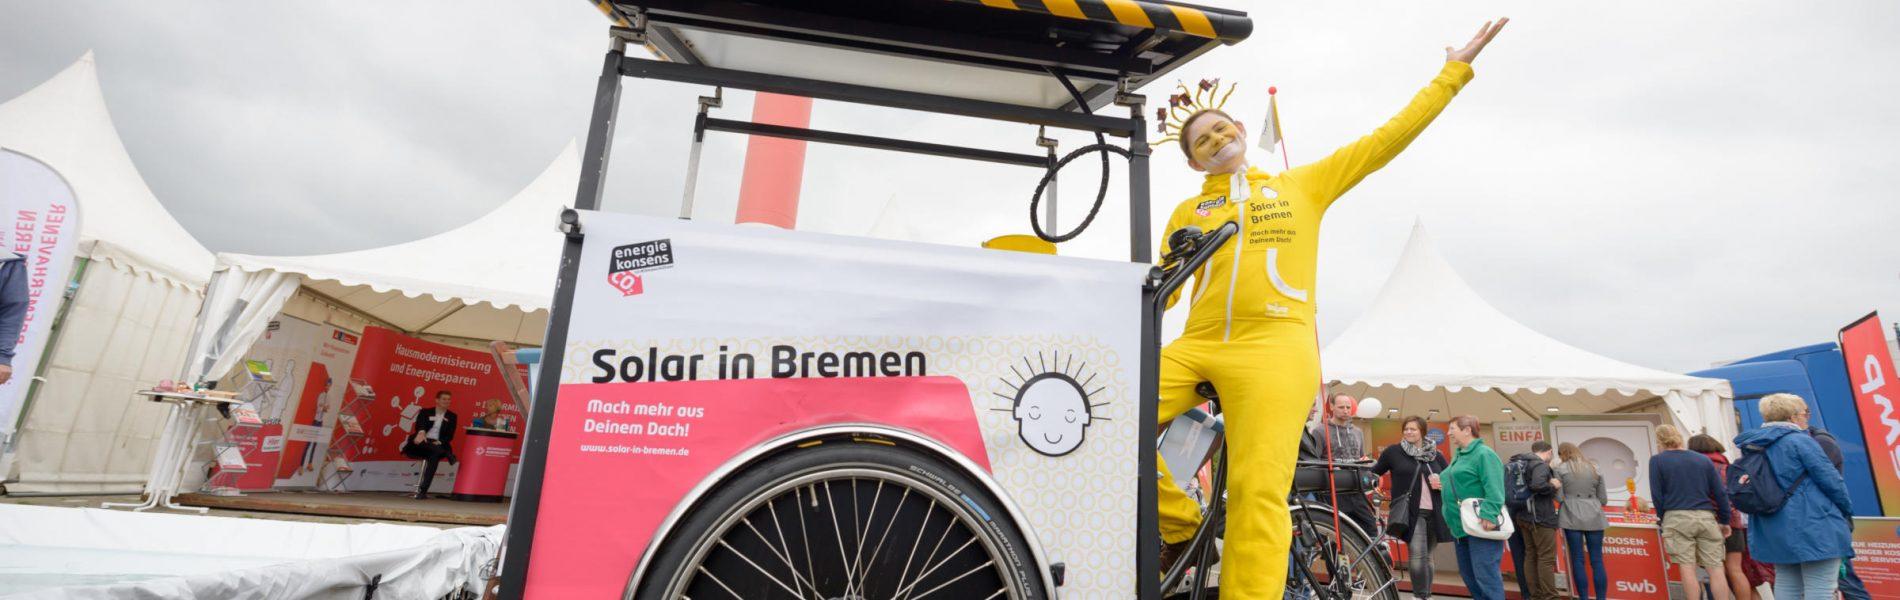 """Das Bild zeigt die Solarfrau Sunna, die komplett in gelb gekleidet ist. Sie fährt auf einem Dreirad mit dem Schriftzug der Kampagne """"Solar in Bremen""""."""